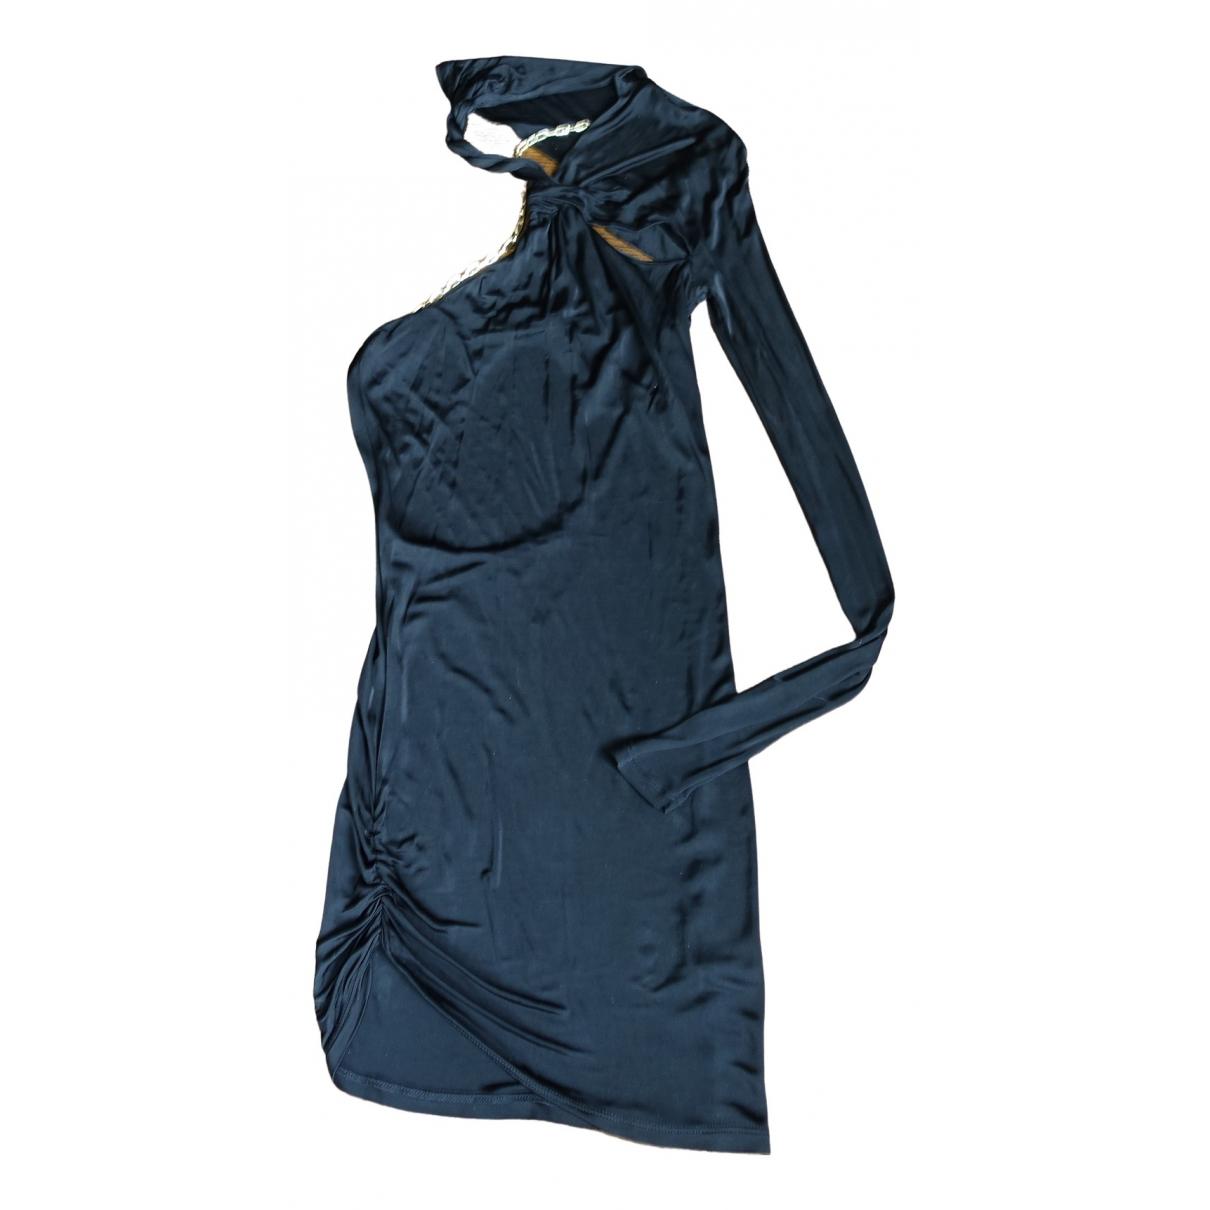 Patrizia Pepe \N Black dress for Women 38 IT